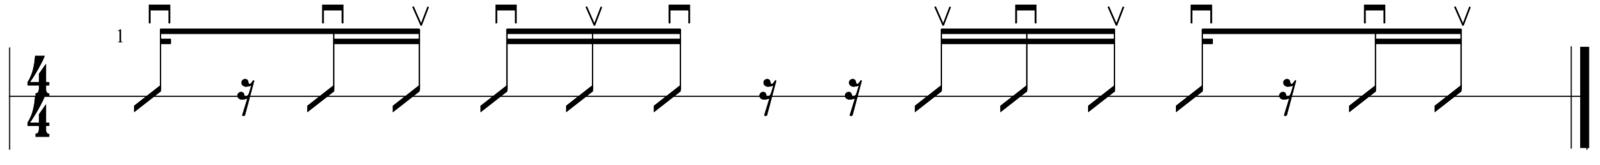 Acoustic Strum Pattern